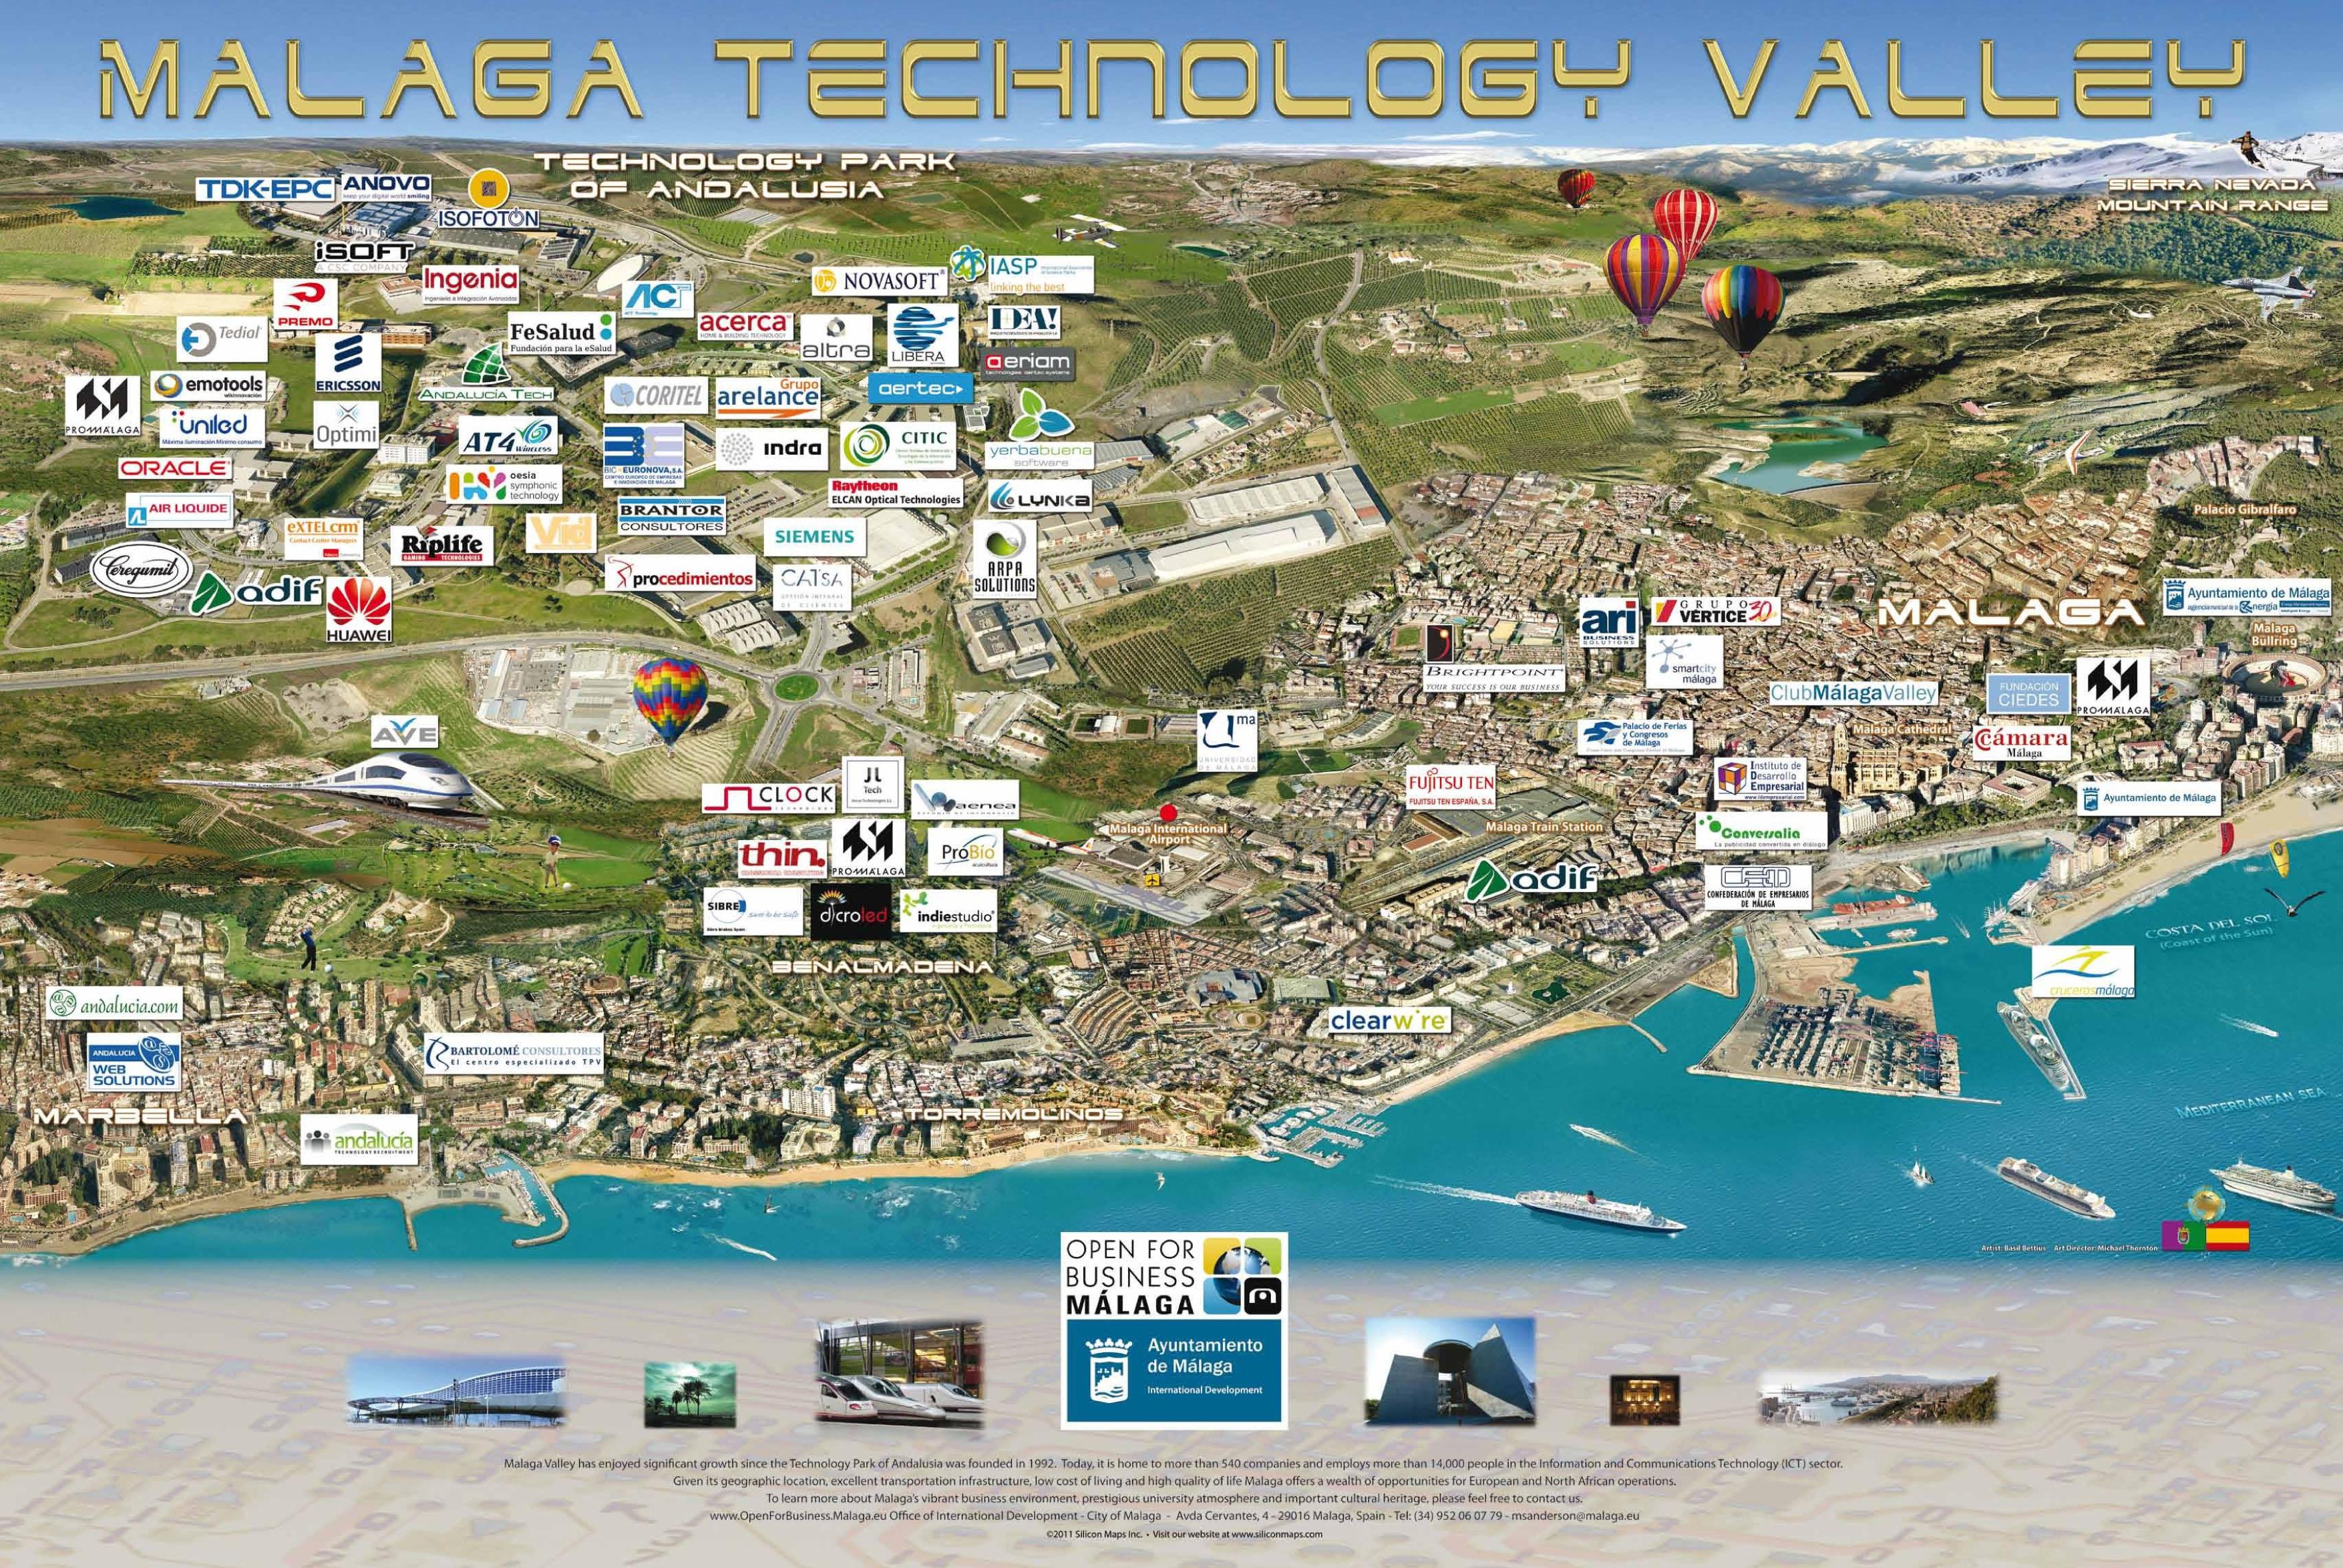 Málaga facturó 123,8 millones de euros en la exportación de productos tecnológicos